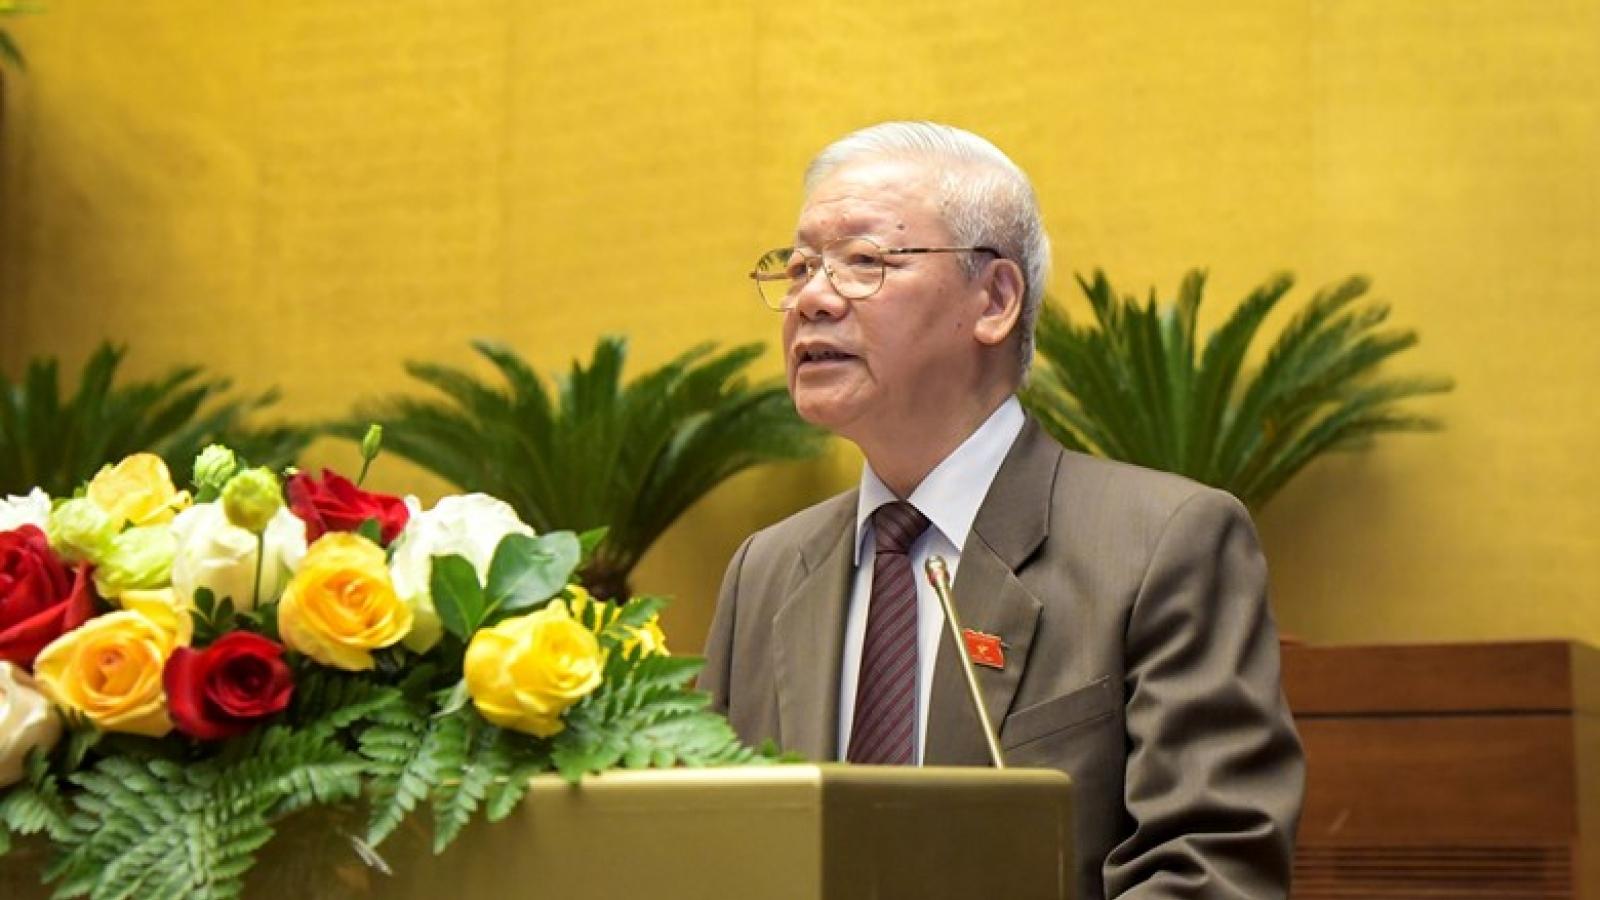 Quốc hội bắt đầu quy trình miễn nhiệm Chủ tịch nước Nguyễn Phú Trọng